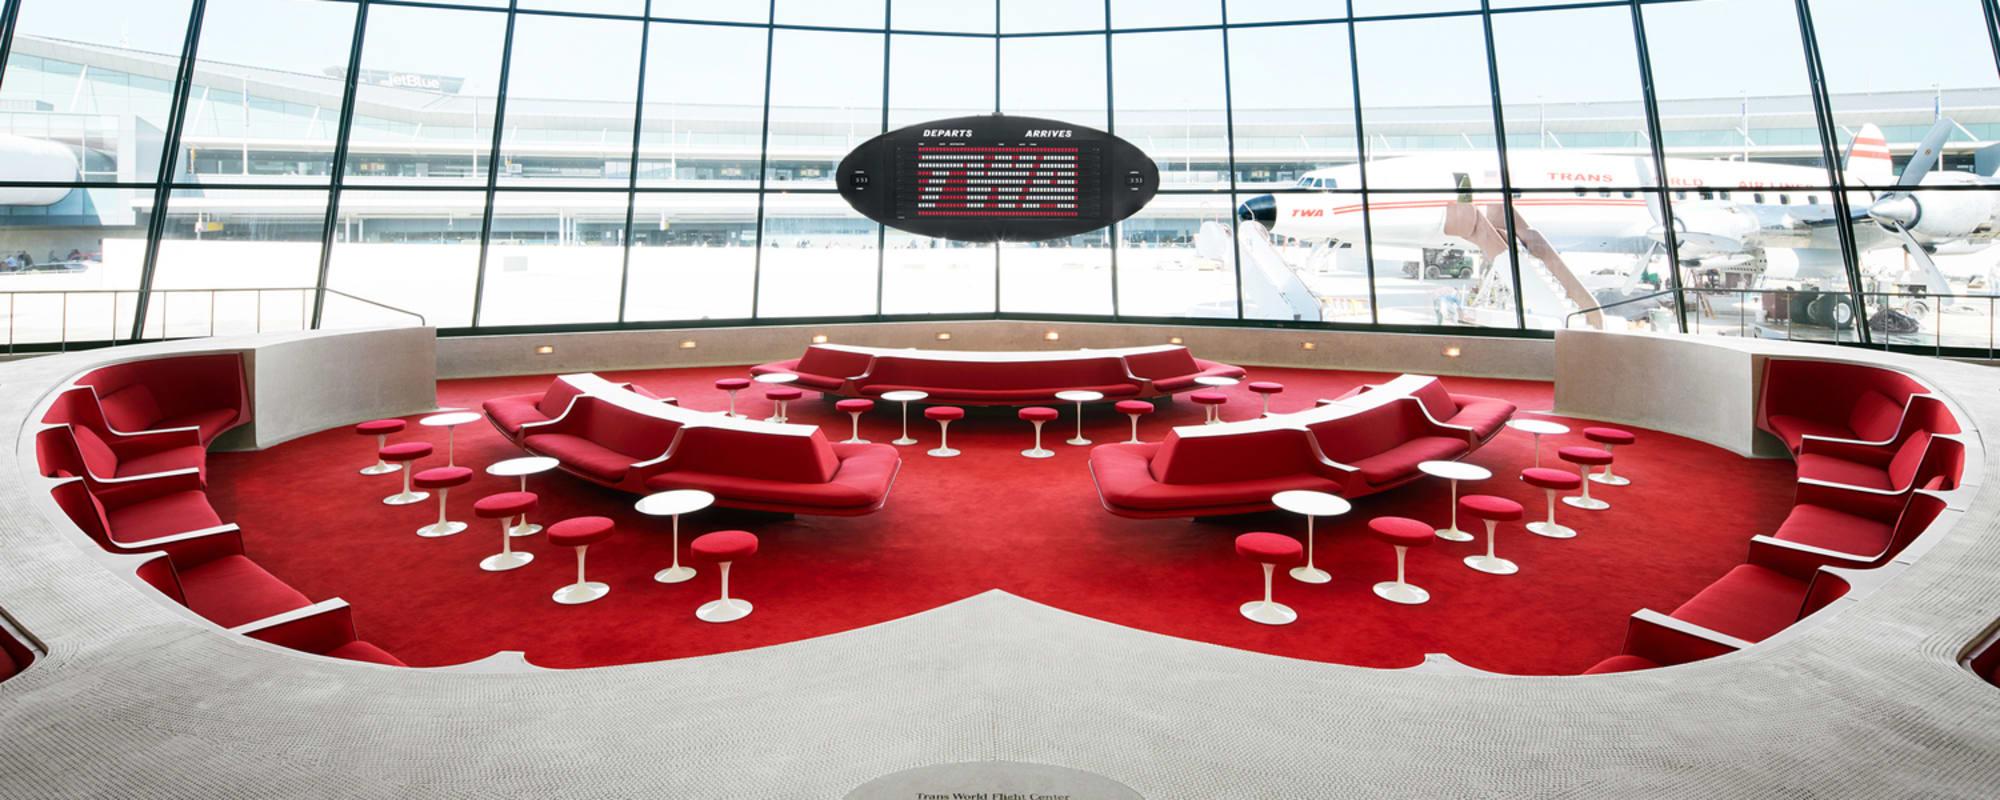 Der Innenraum des Terminals, das heute die Lobby ist, wurde weitgehend so belassen, wie er zur Eröffnung im Jahr 1962 aussah.